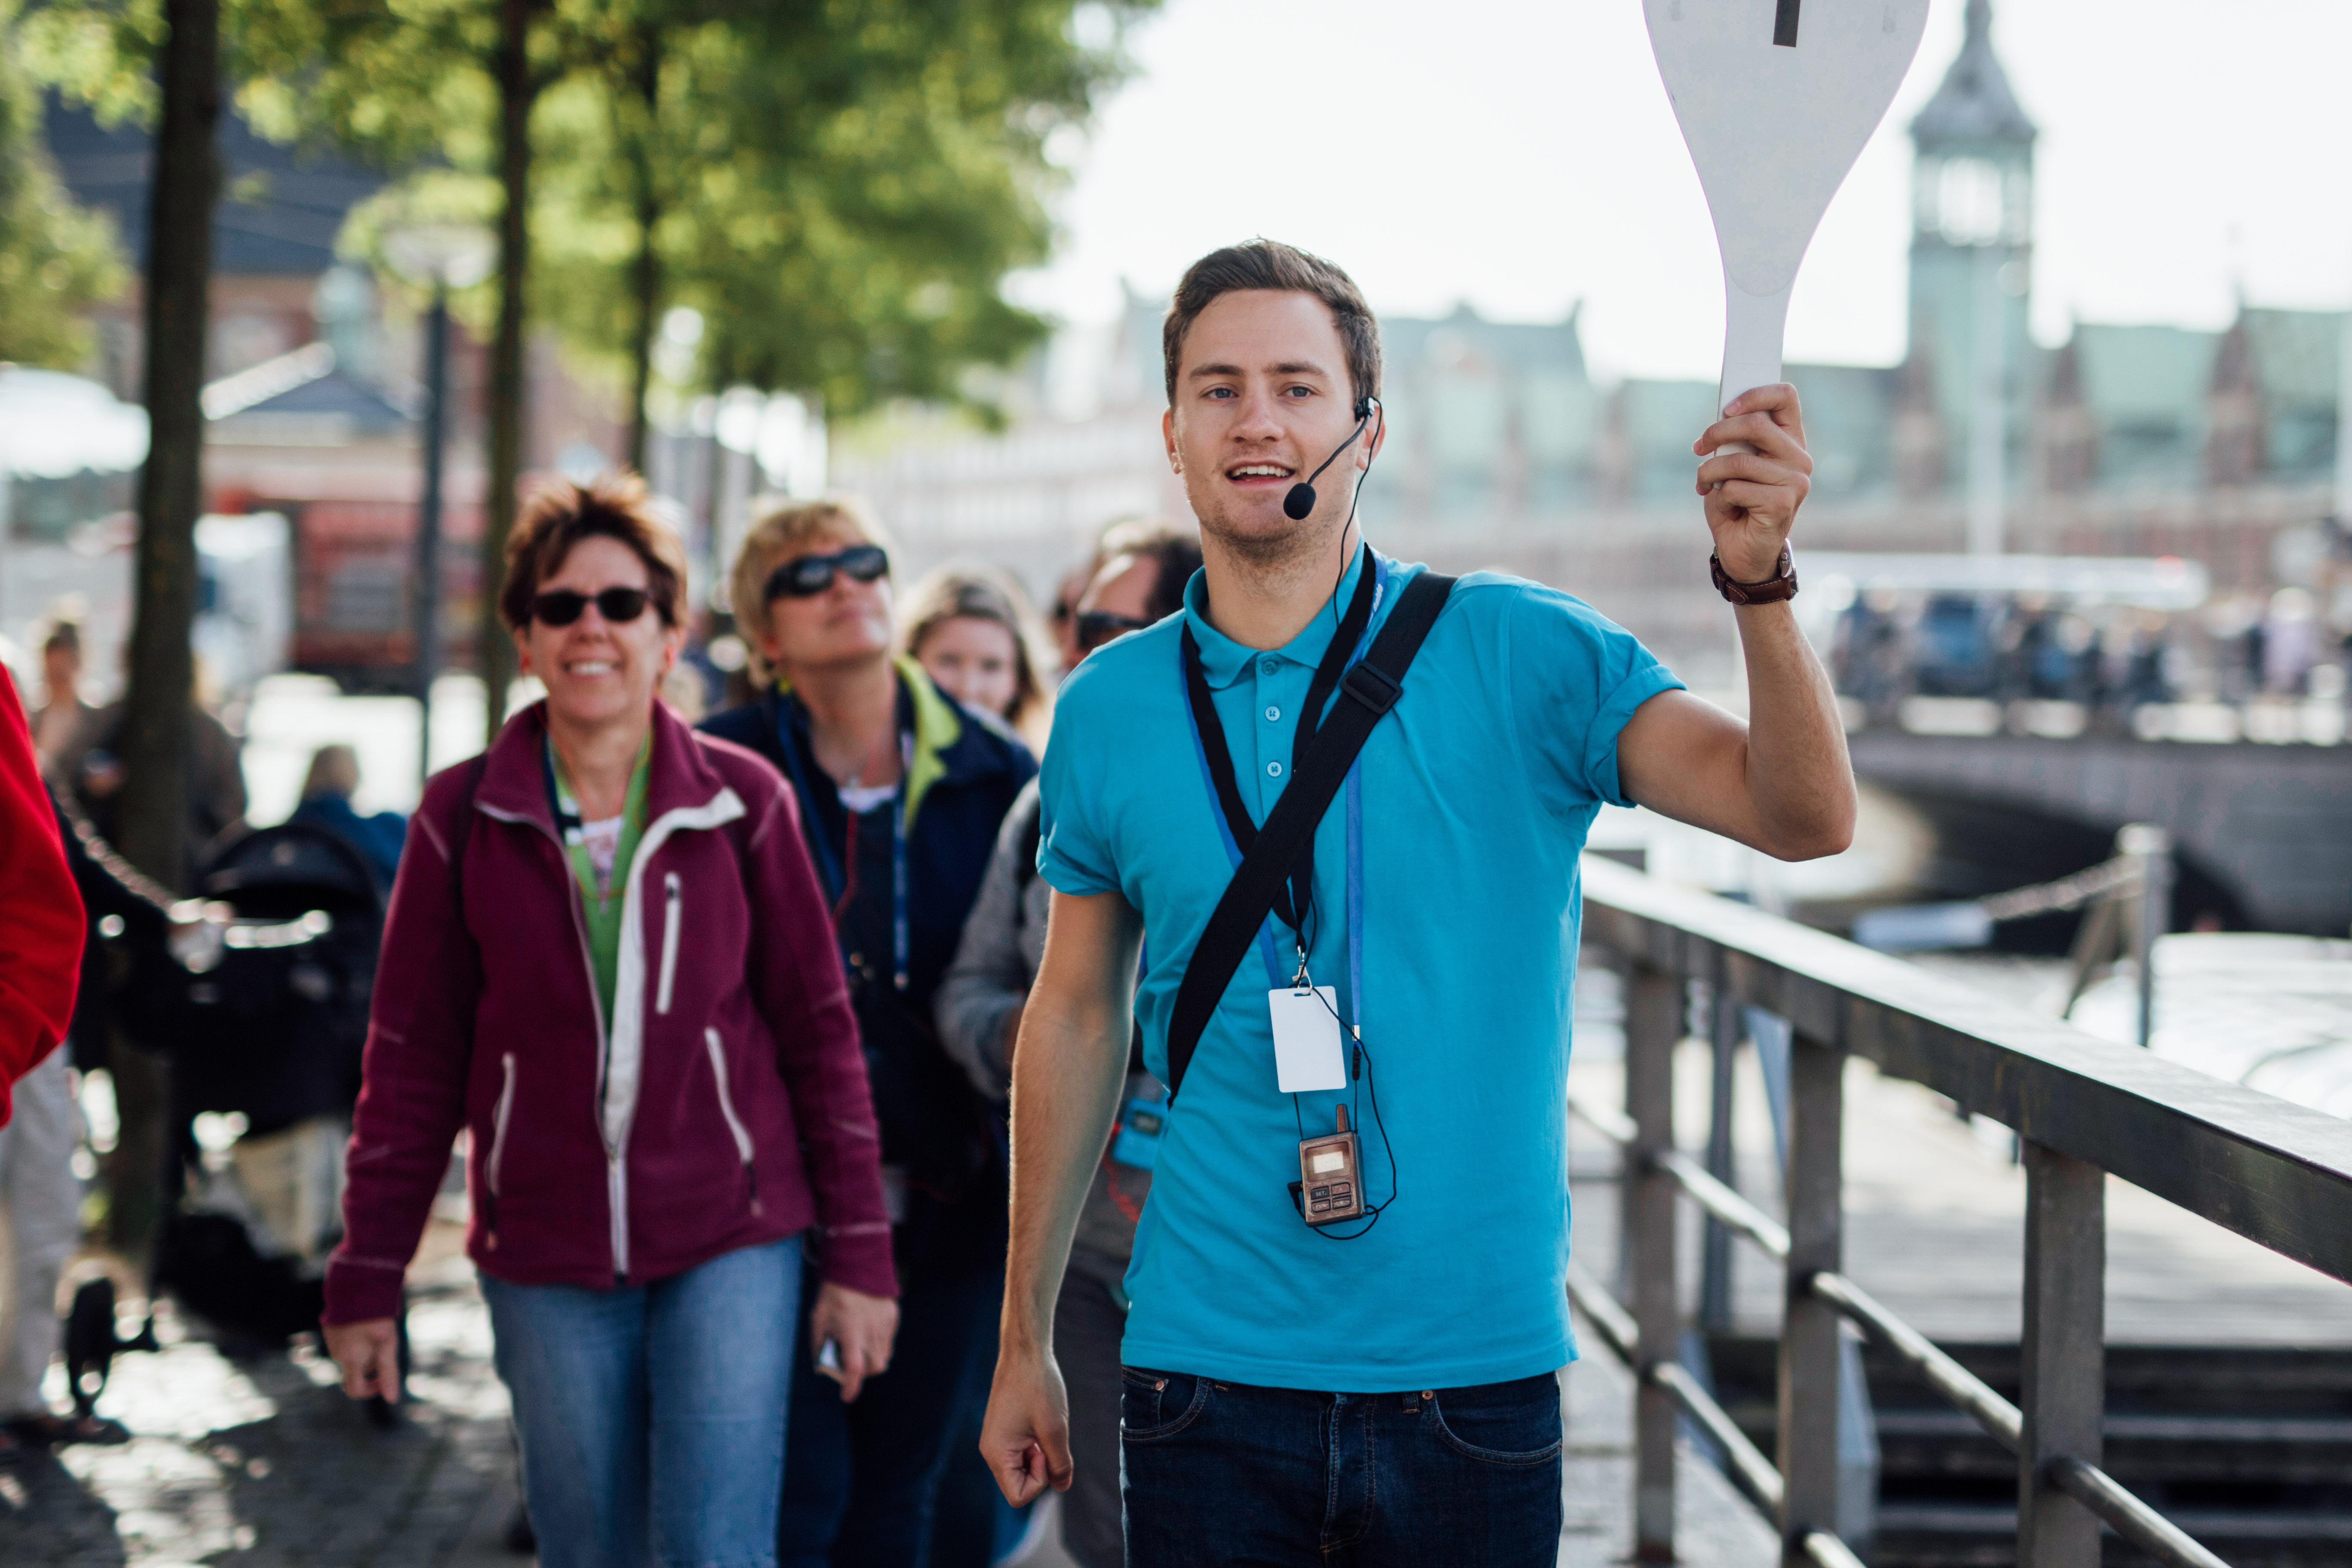 Guide fra guidebureauet GVIDI, der samarbejder med incomingbureauet BDP på rundvisning i København. Foto fra Dansk Røde Kors: Zevegraf IVS.